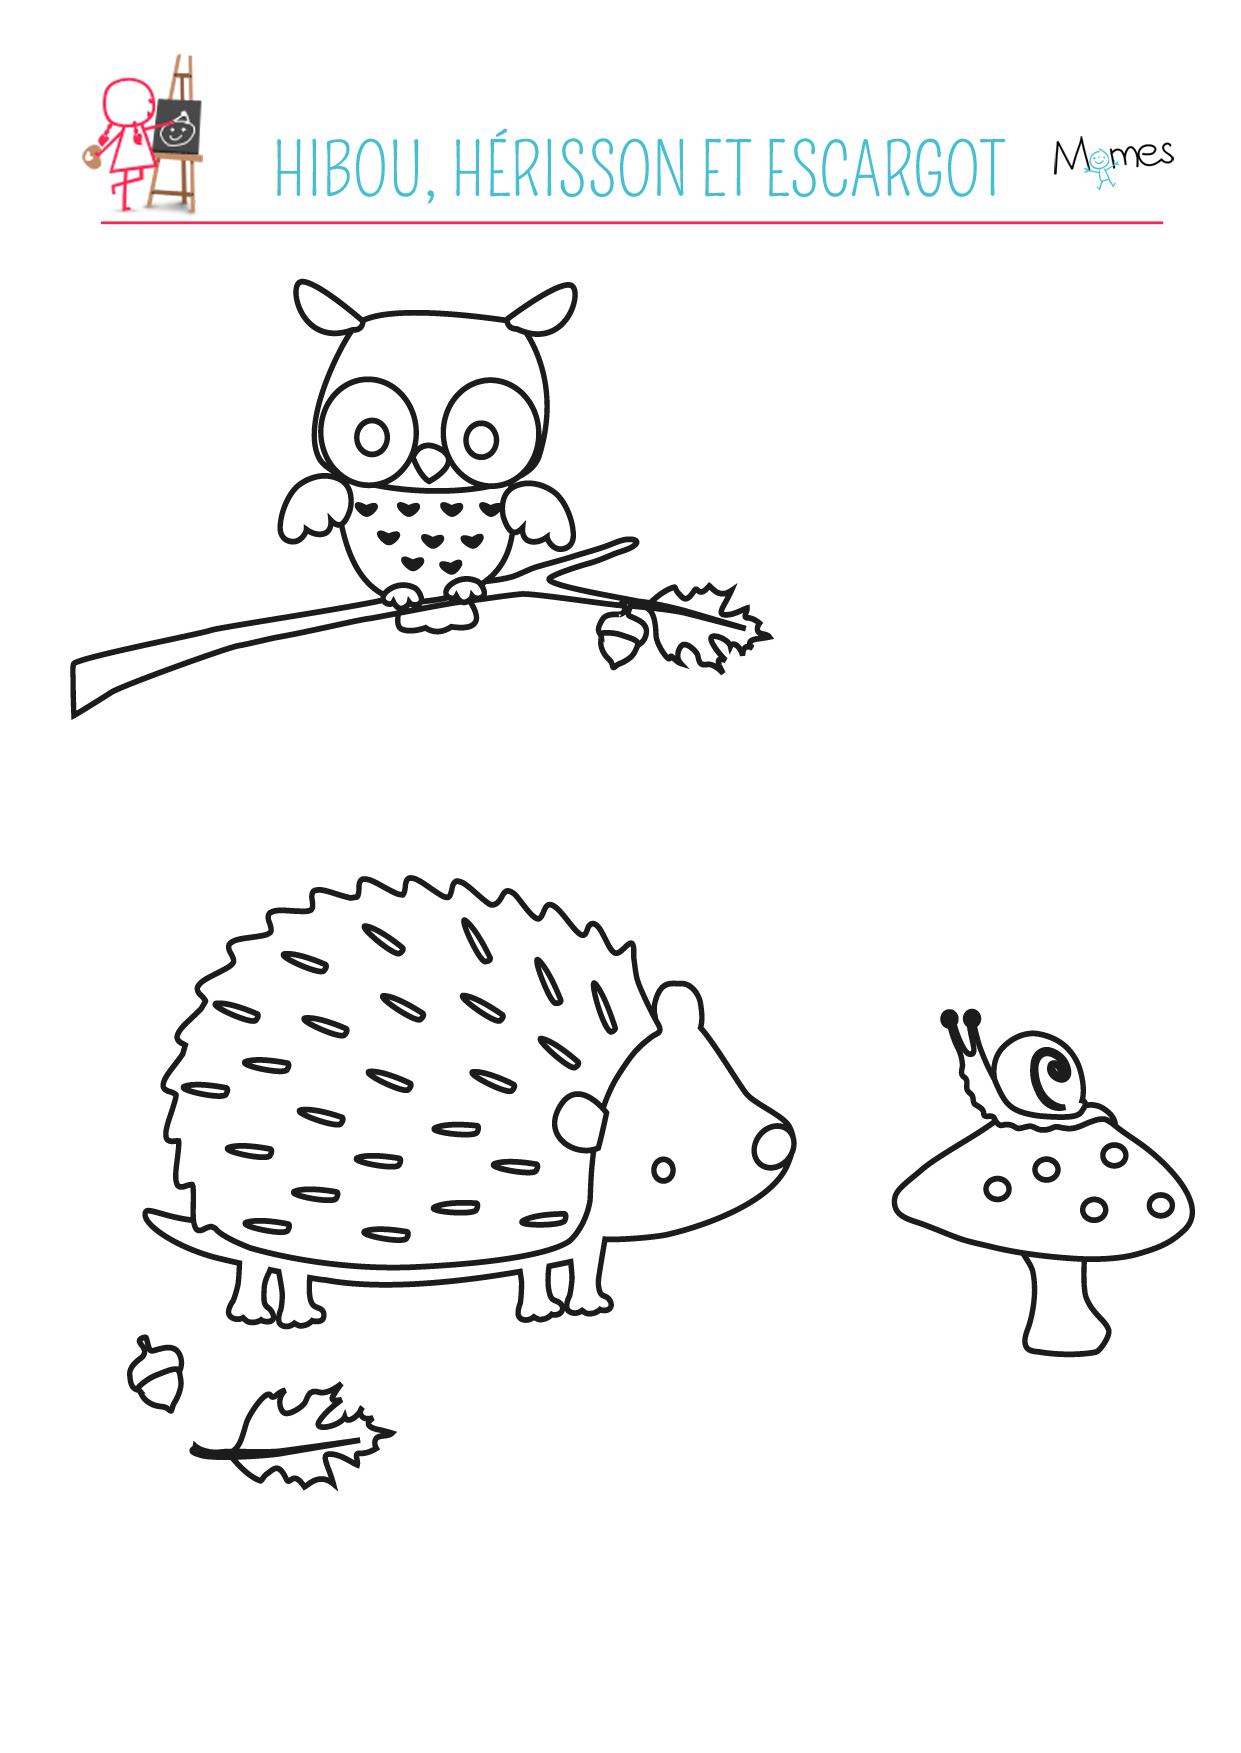 Coloriage Escargot Automne.Coloriage Automne Le Hibou Le Herisson Et L Escargot Momes Net